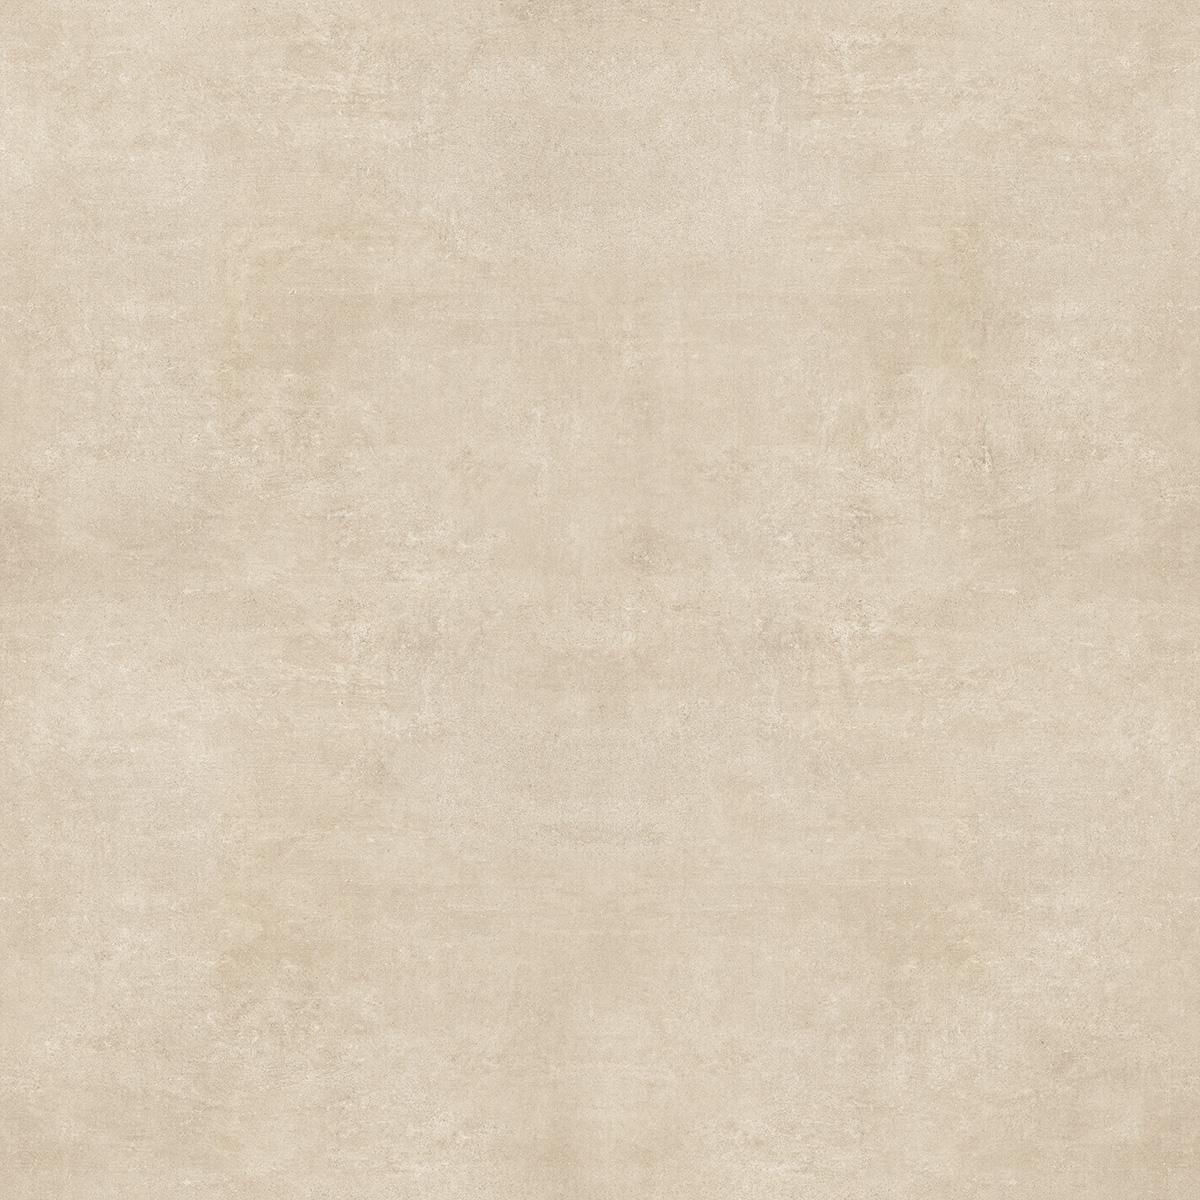 MIRA taupe Image